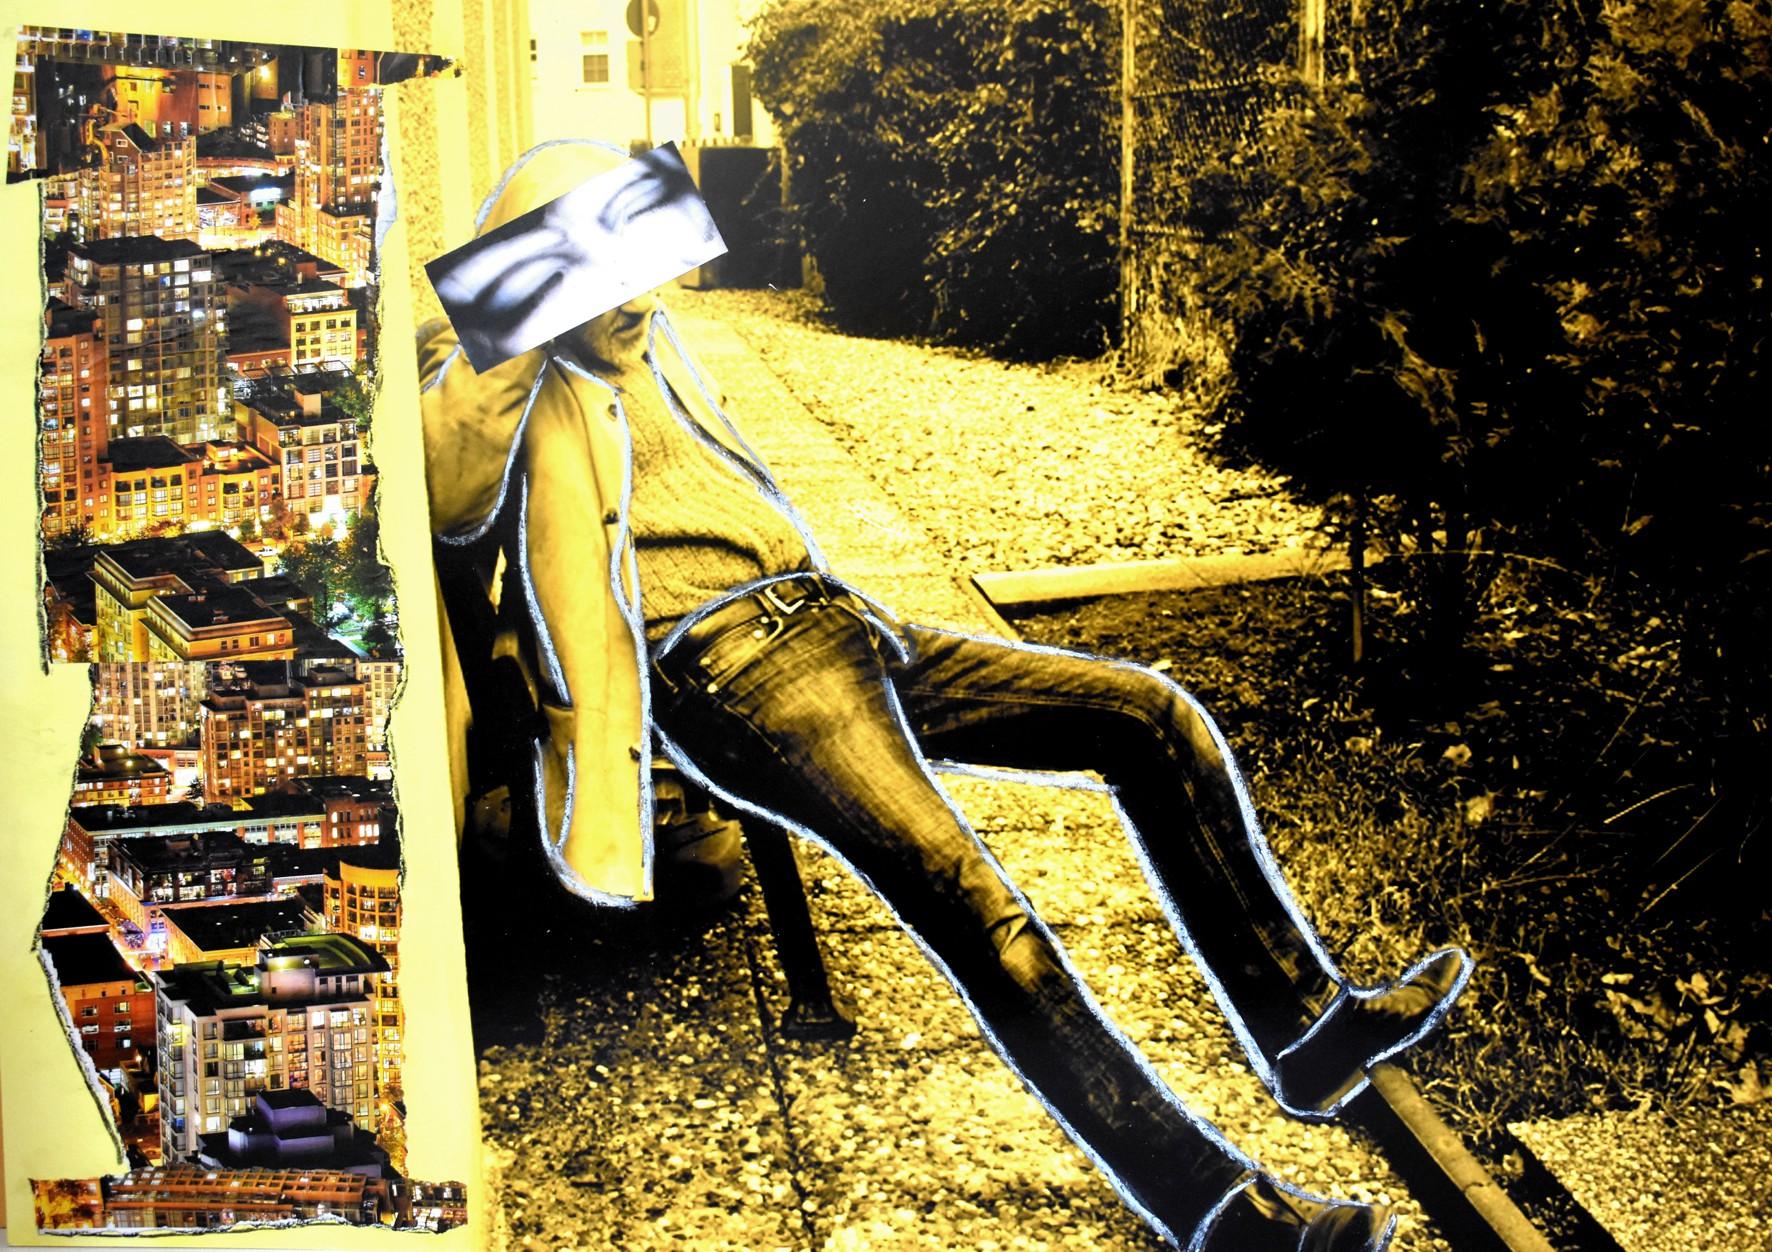 WAKE UP ! Erwache Toleranz... , FotoCollage 2018, FINE-Art Gallery-Print auf Museumskarton, manuell überarbeitet, hxb 70 x 50 cm